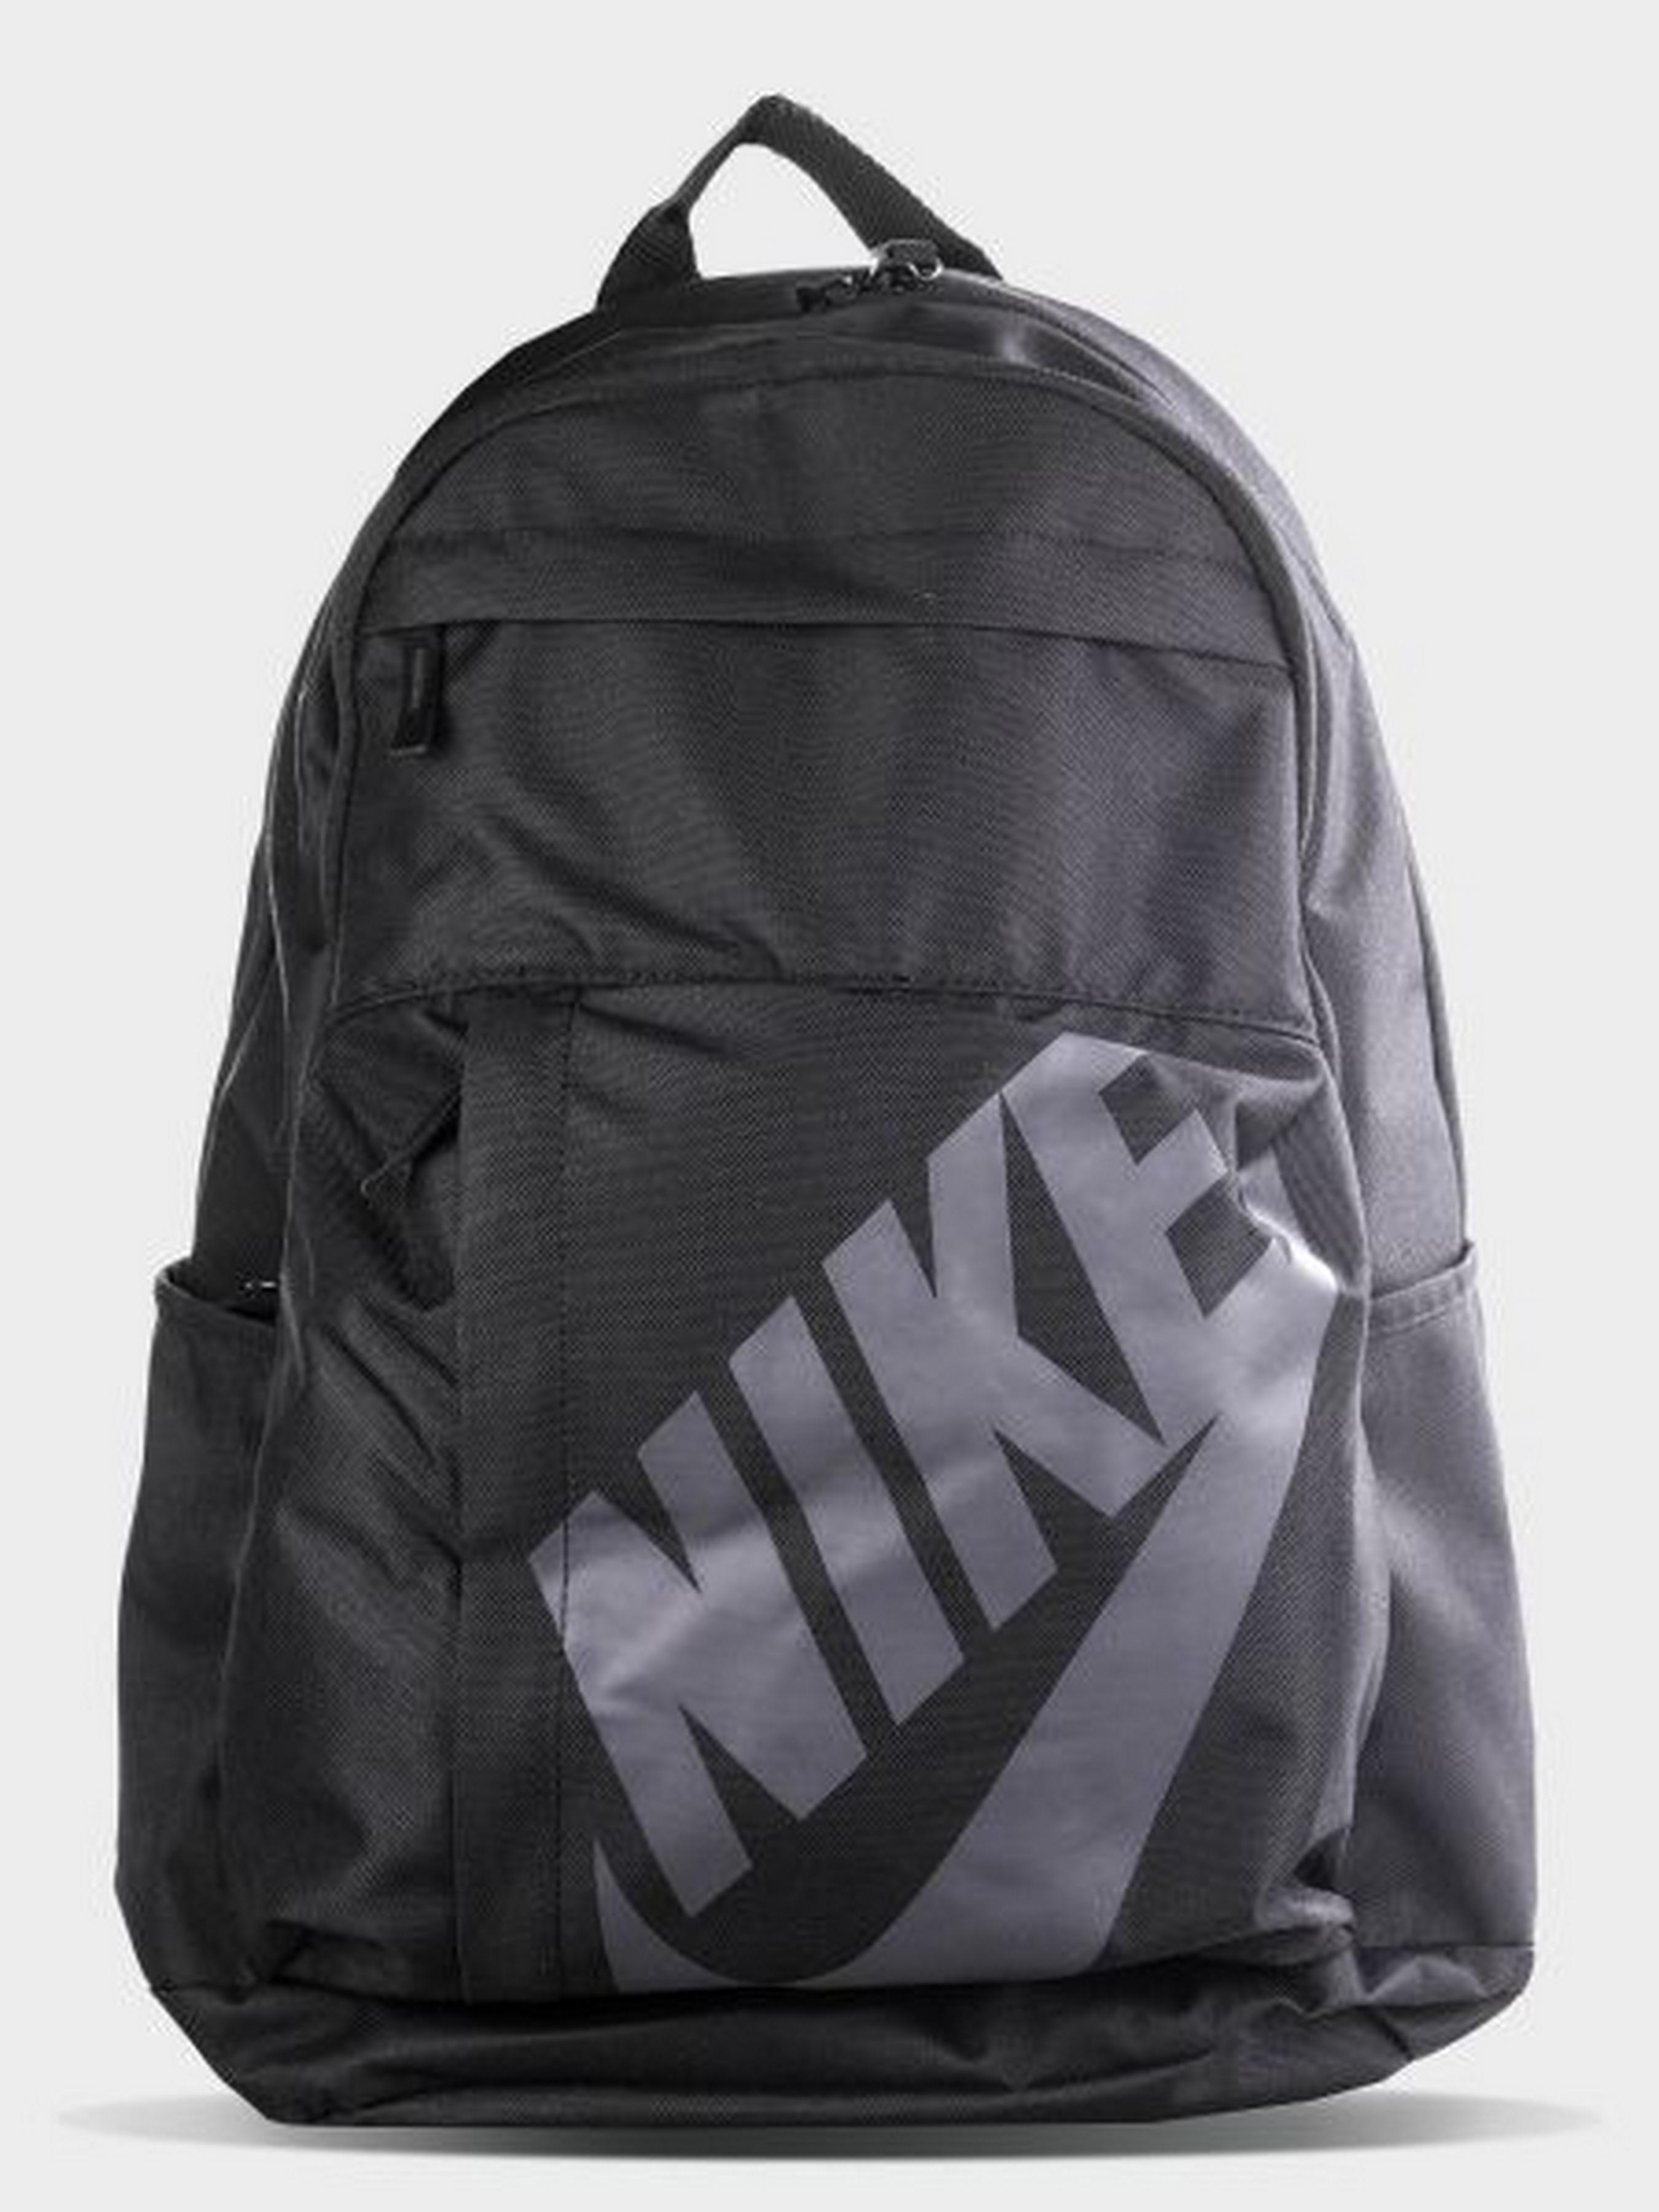 Рюкзак NIKE модель 6T15 - купить по лучшей цене в Киеве 2e457b5ee9573